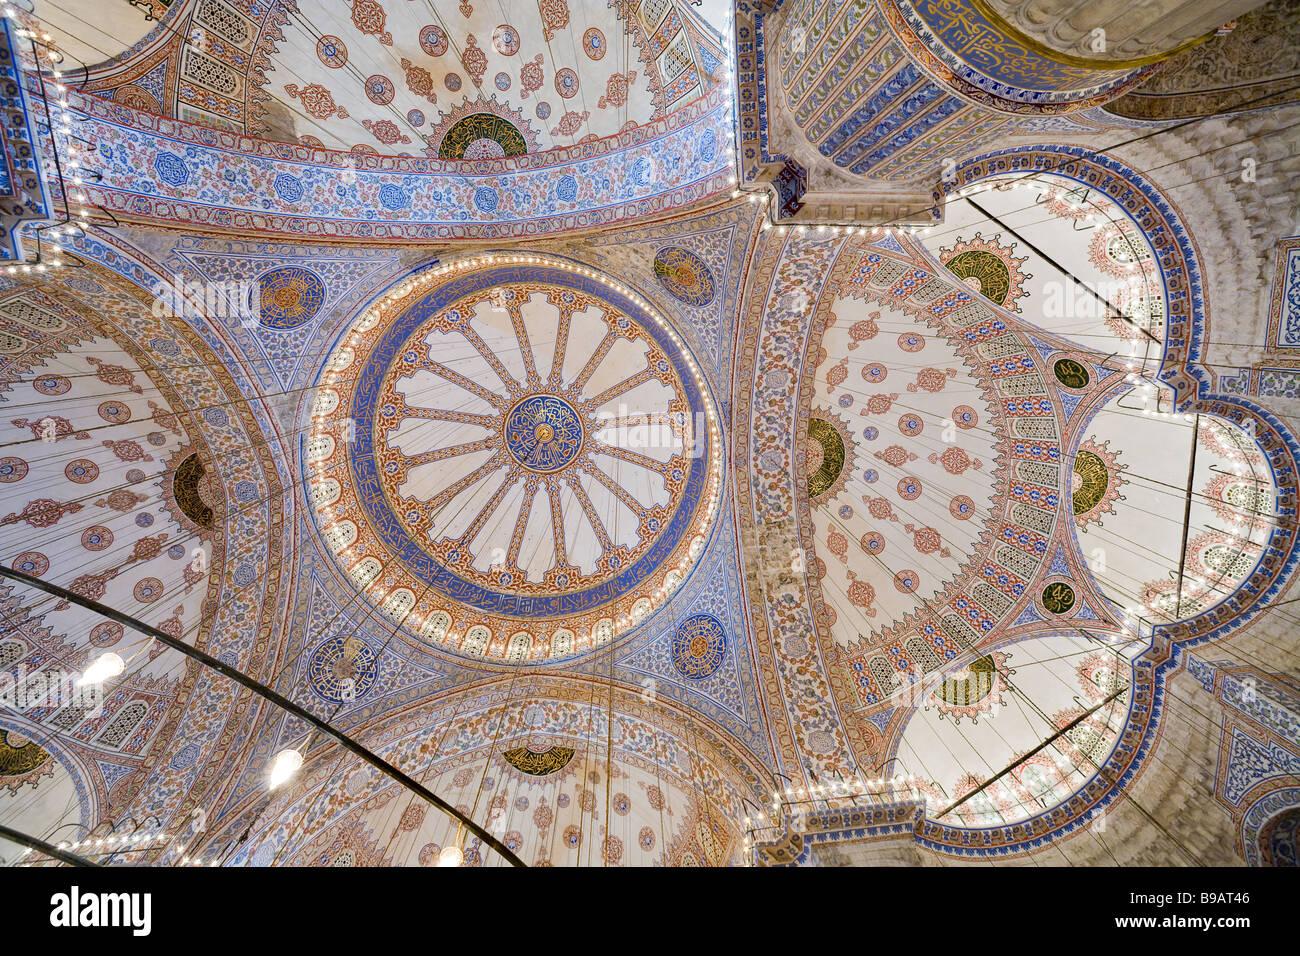 La complessità nel colore. Il altamente ceramica decorata con copertura della Moschea Blu è piena di luce Immagini Stock